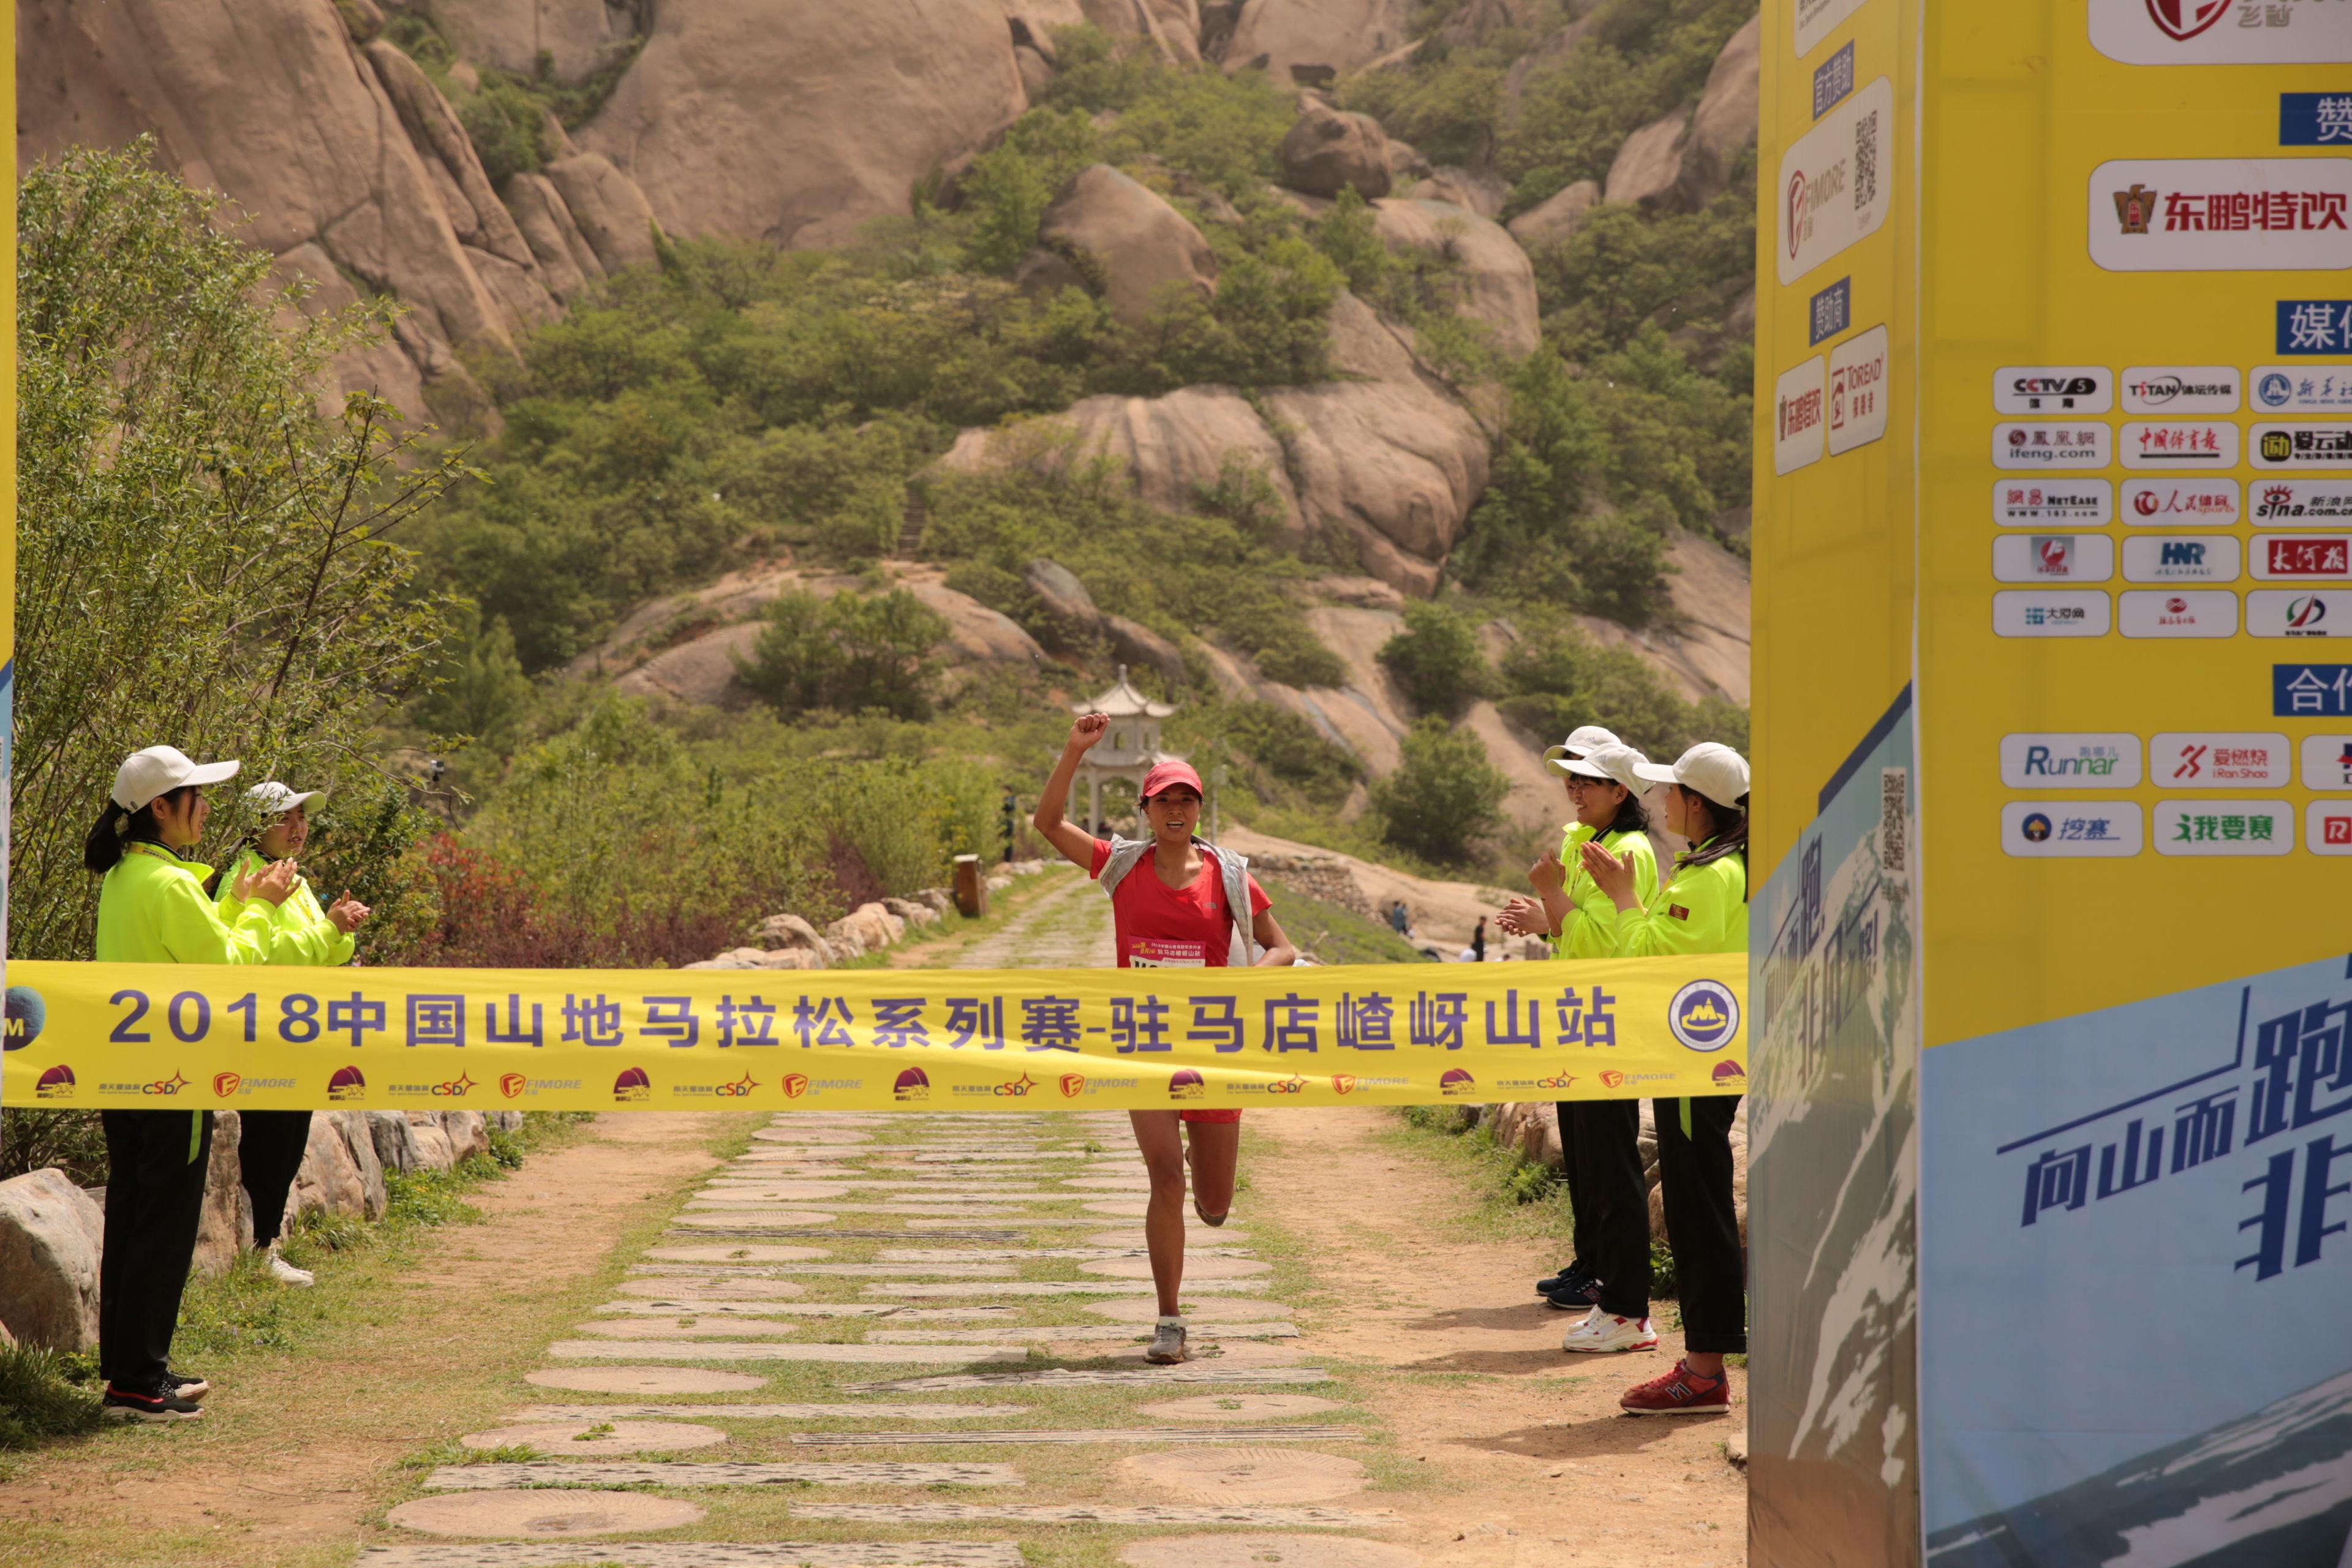 2018中国山地马拉松系列赛河南驻马店嵖岈山首站开跑